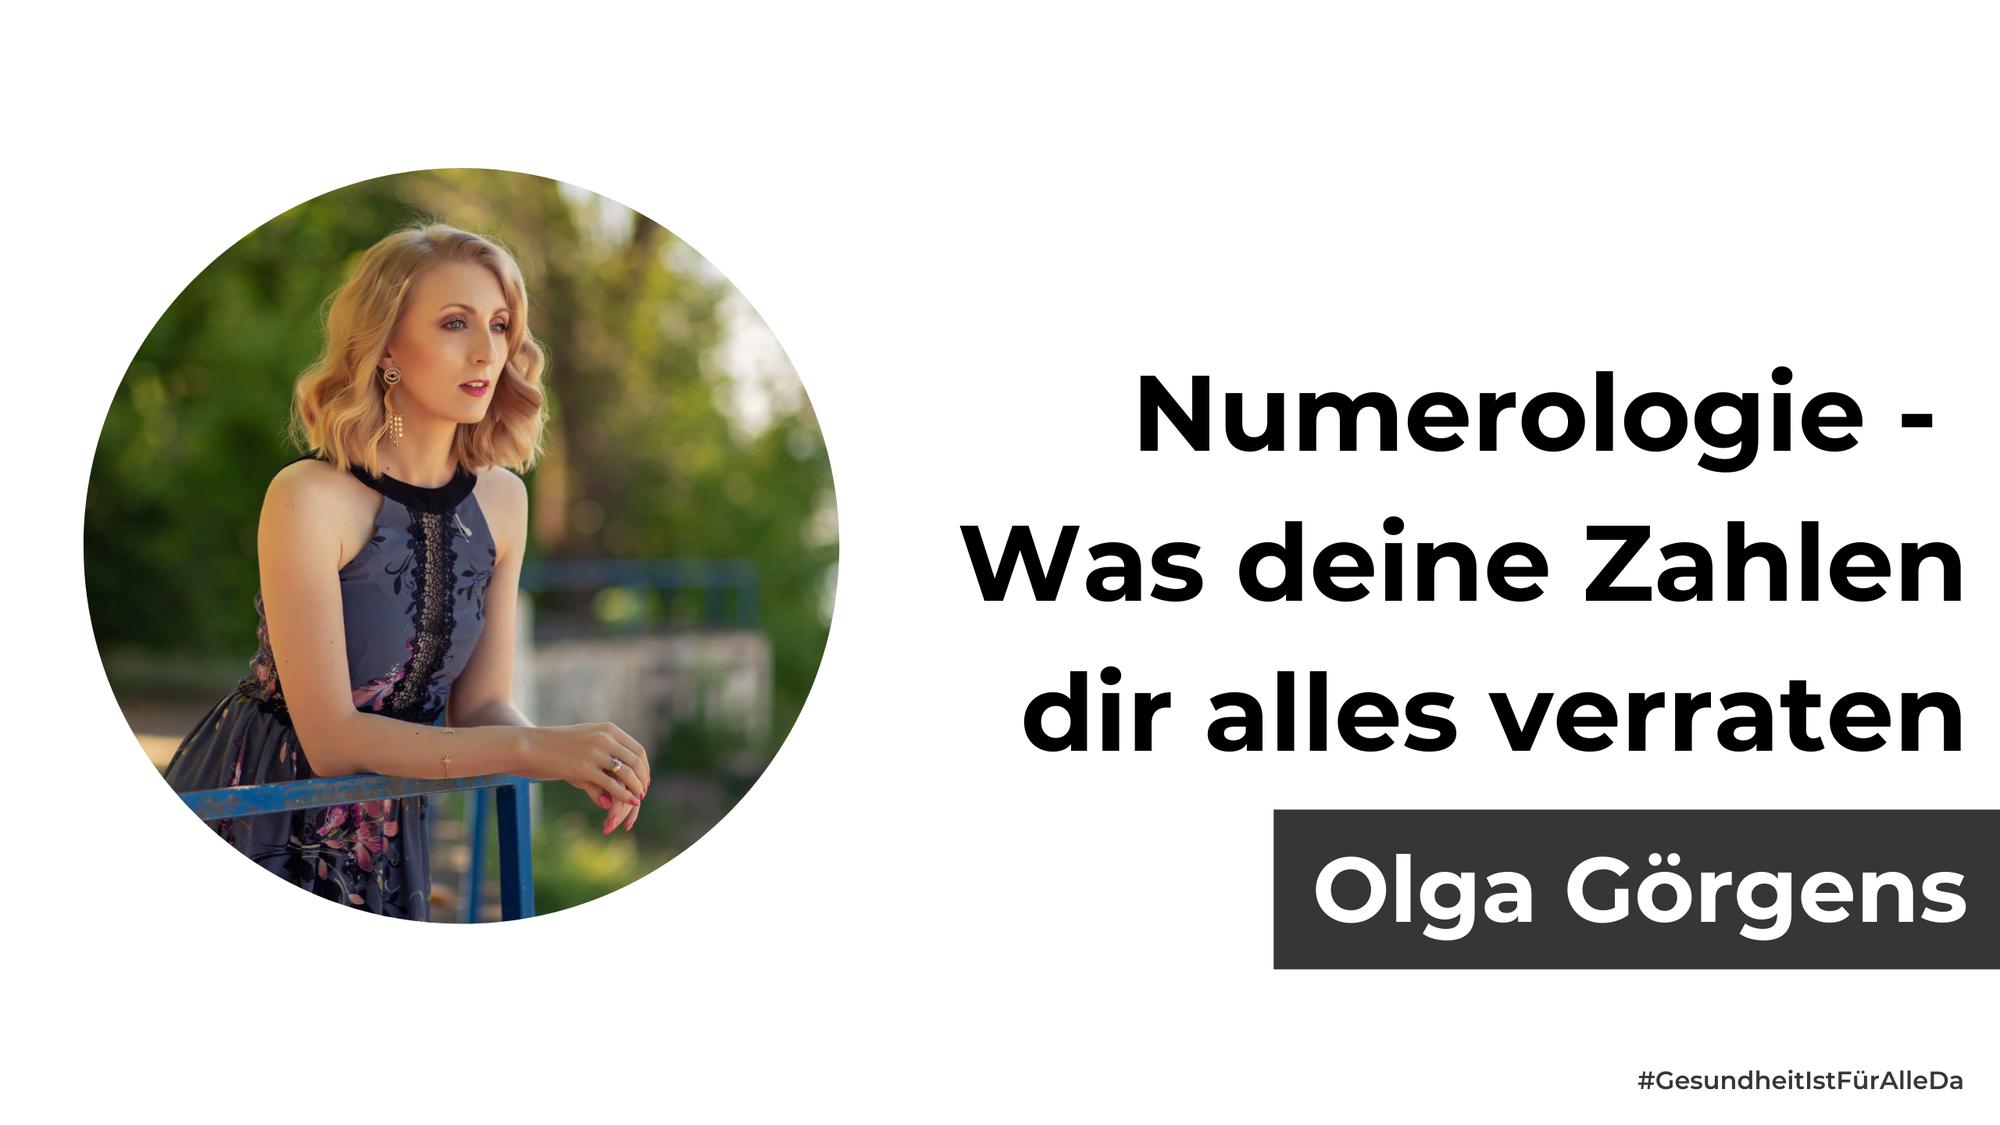 Olga Görgens